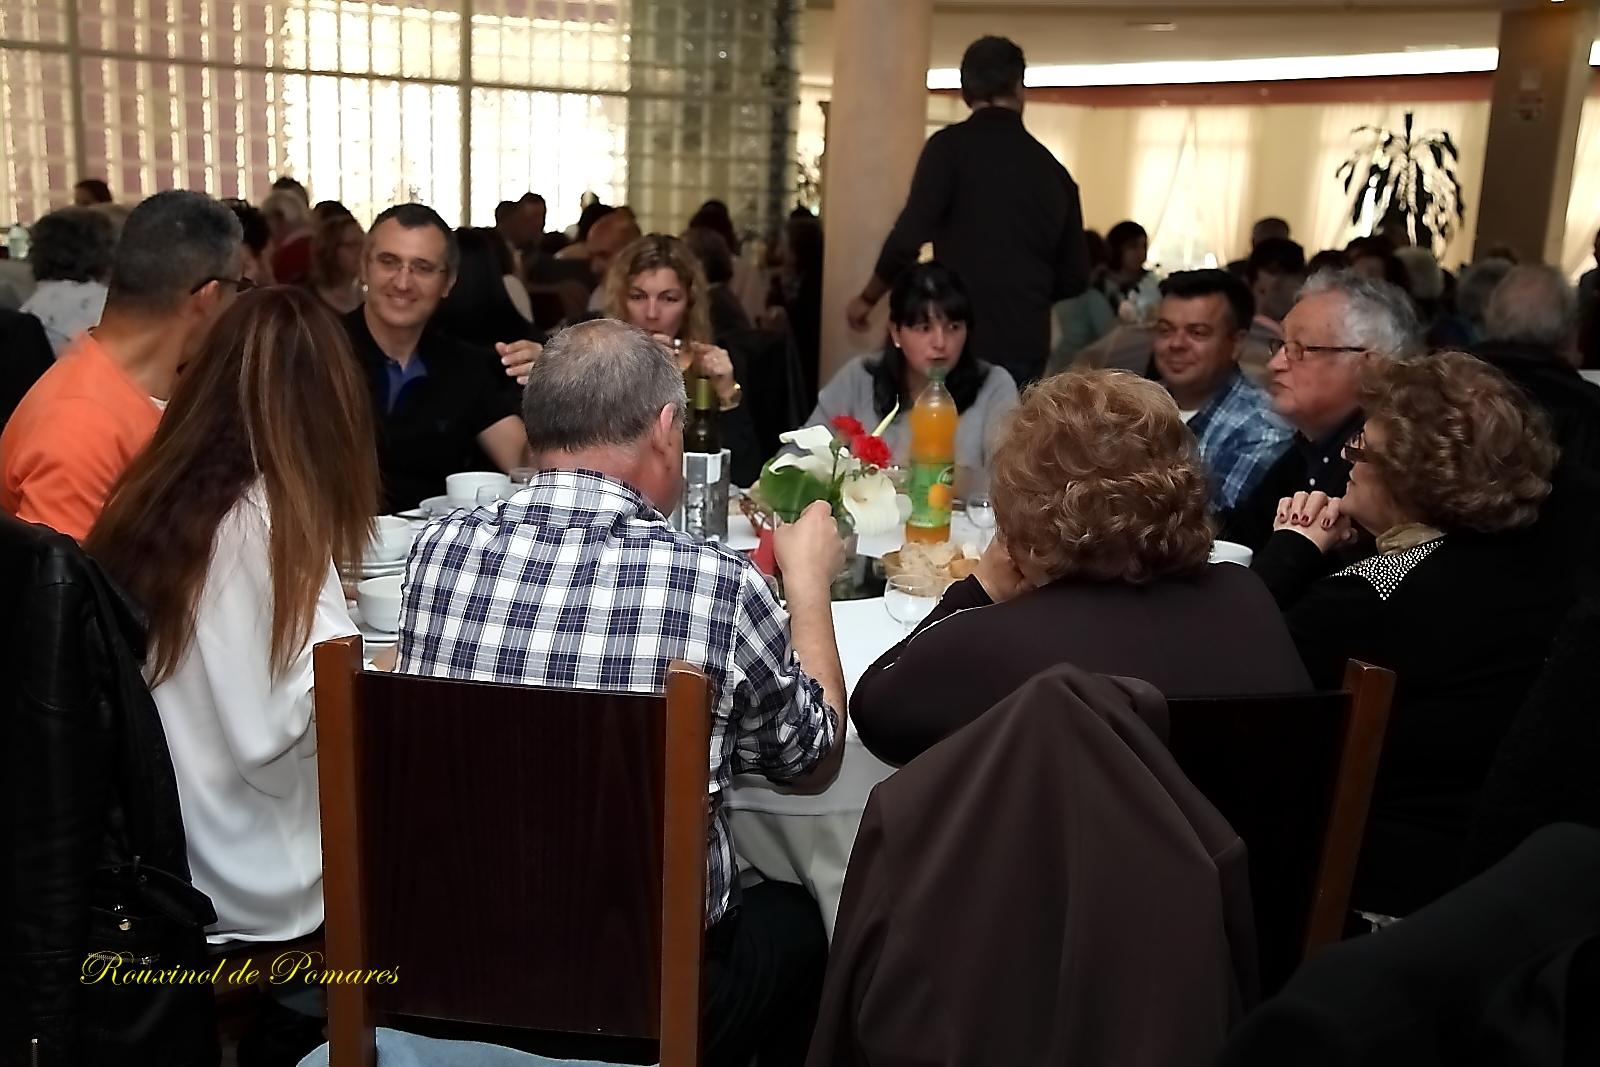 Almoço Comemoração 95 Anos Sociedade  (6)